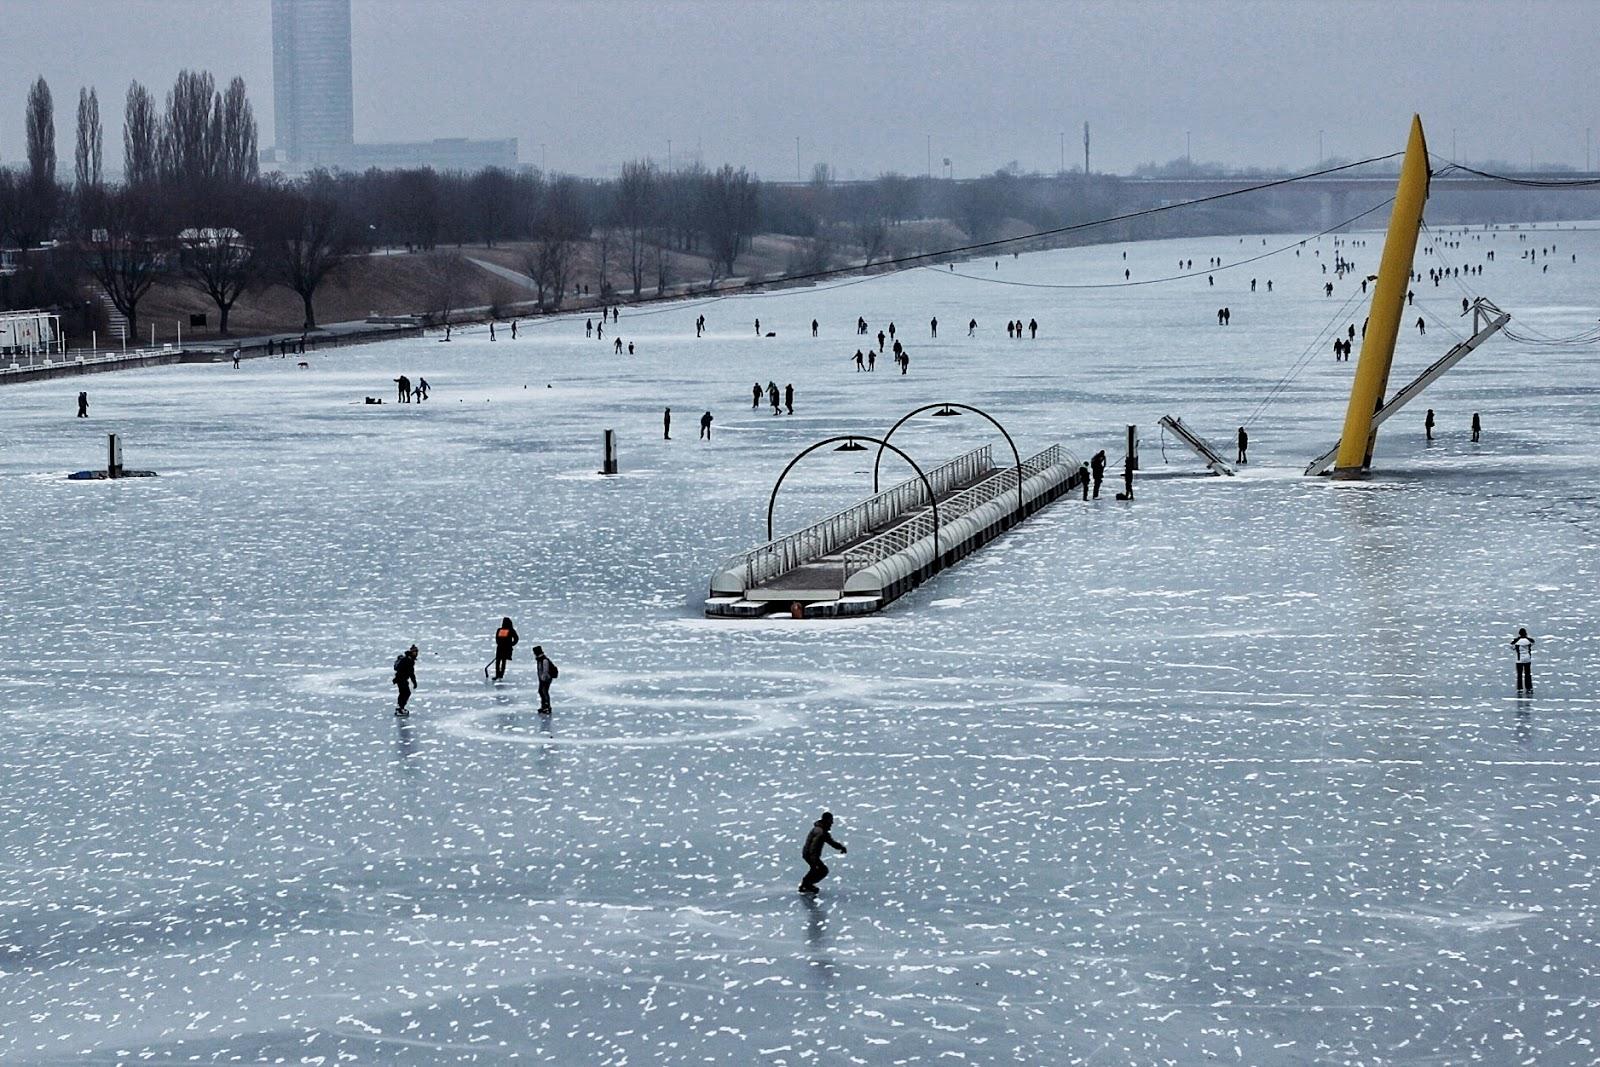 lifesthayle-vienna-neue-donau-skaters.jpg